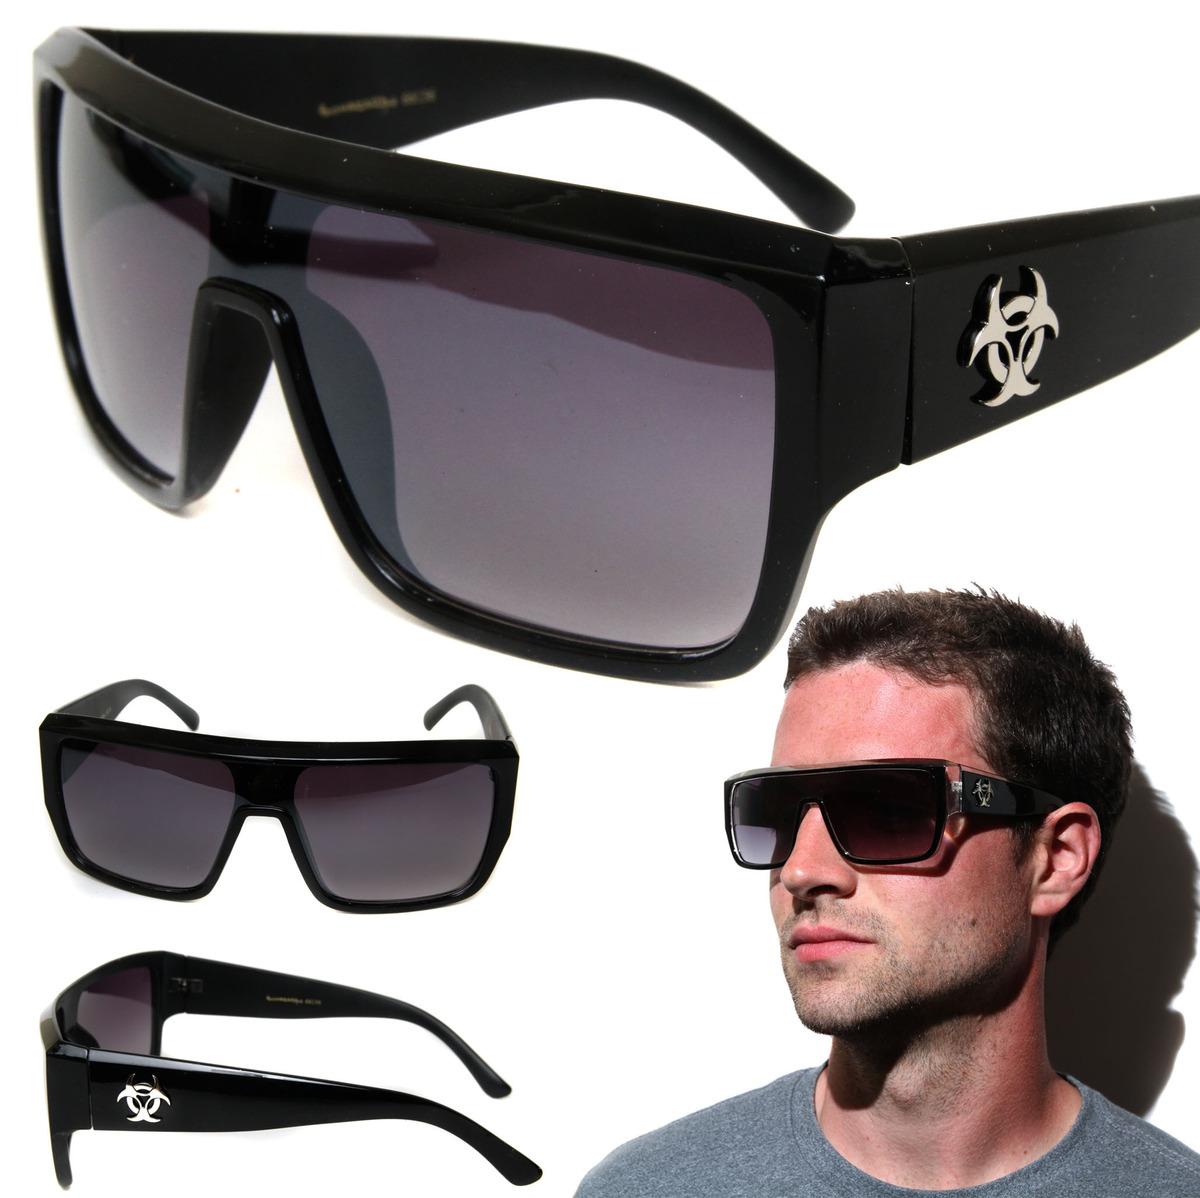 cf954dacdb6 Mens Large Sunglasses